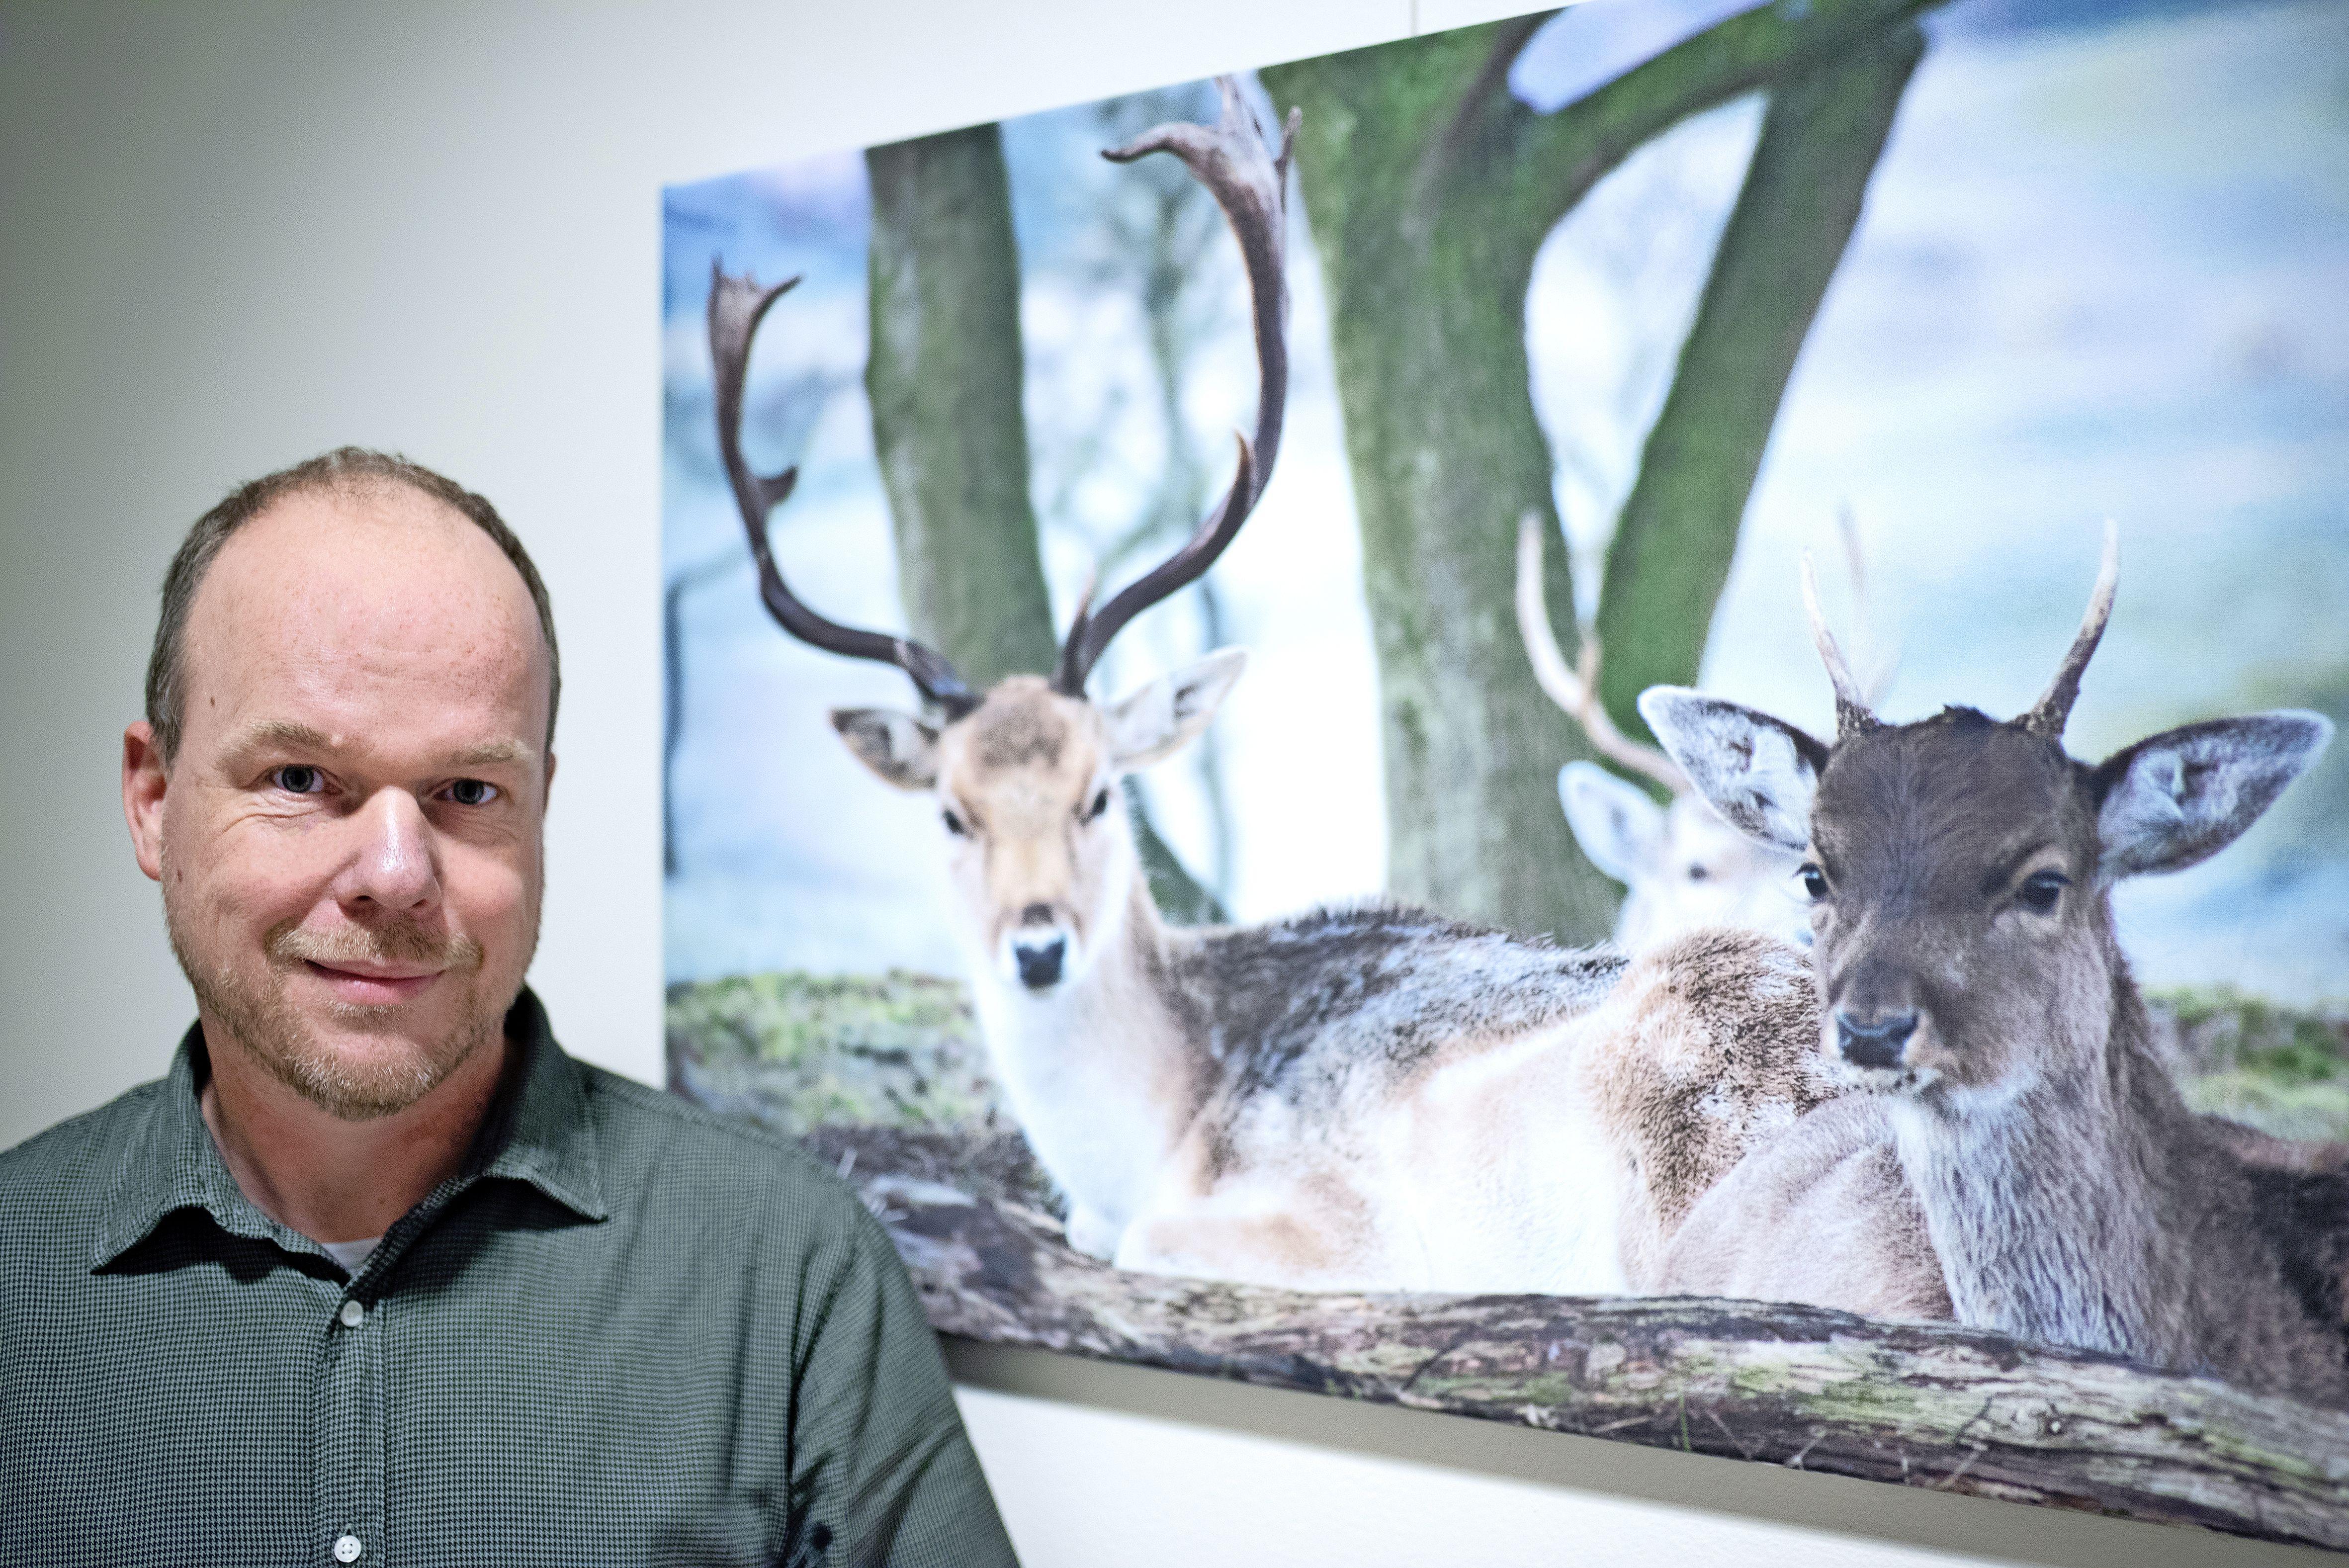 Natuurfotograaf Willem Visser maakt verjaardagskalender: 'Het is met deze kalender heel leuk om mensen nog bewuster te maken van al het moois in de natuur en dat zo dichtbij'